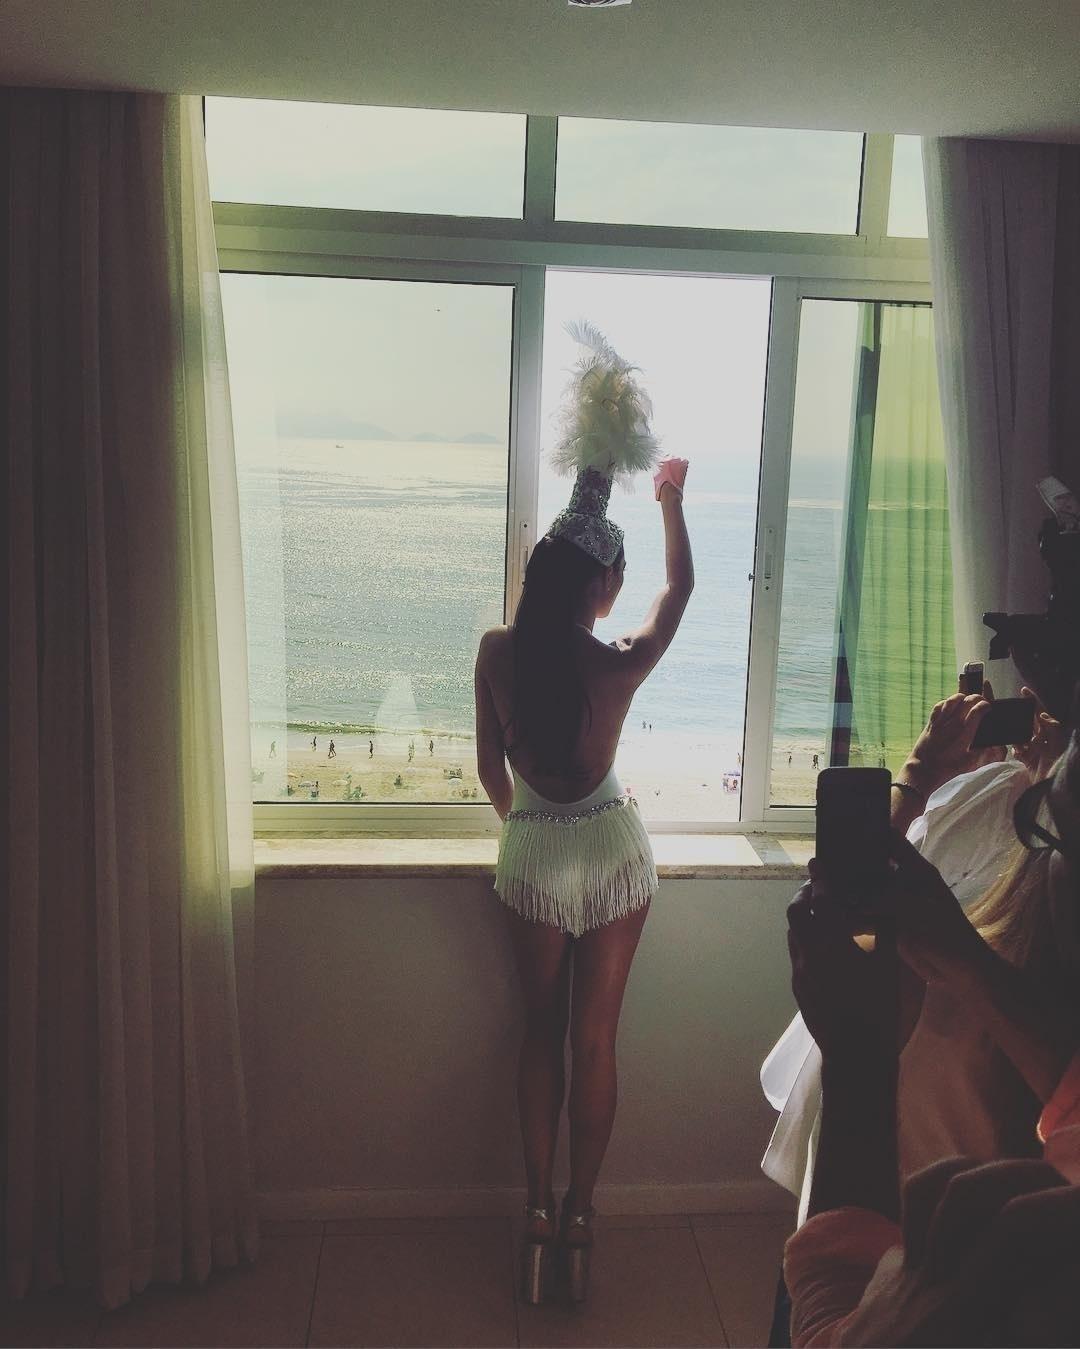 6.fev.2016 - Isis Valverde publicou uma foto de costas, observando da janela do hotel o Bloco da Favorita, em Copacabana. O corpo da atriz foi elogiado por seguidores.